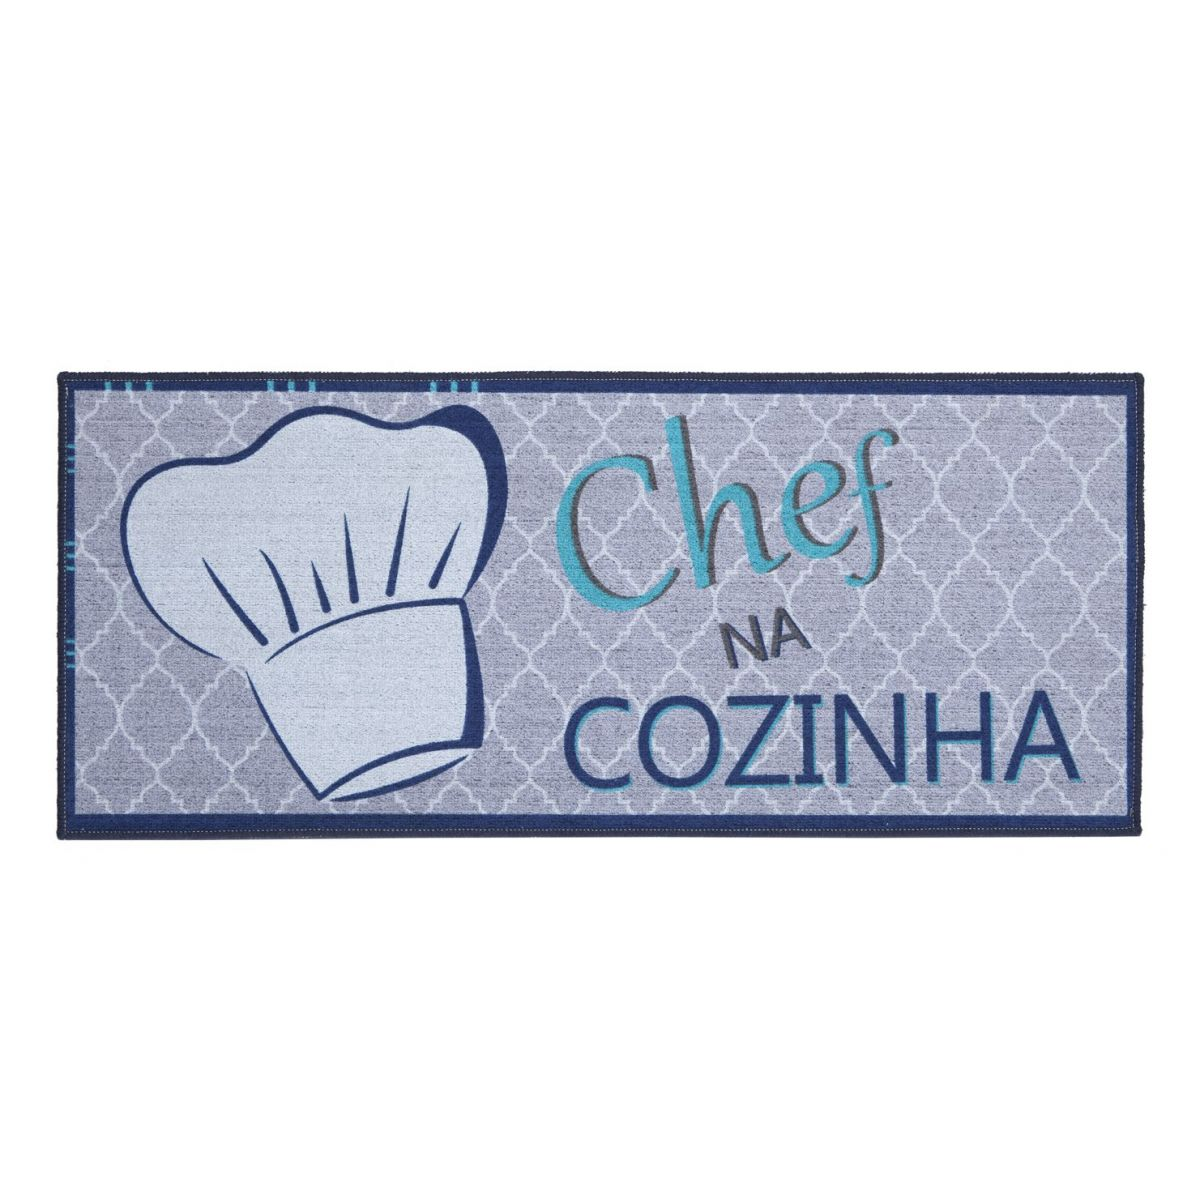 Tapete Avulso Cozinha 50x120cm Pratic Chef na Cozinha Corttex